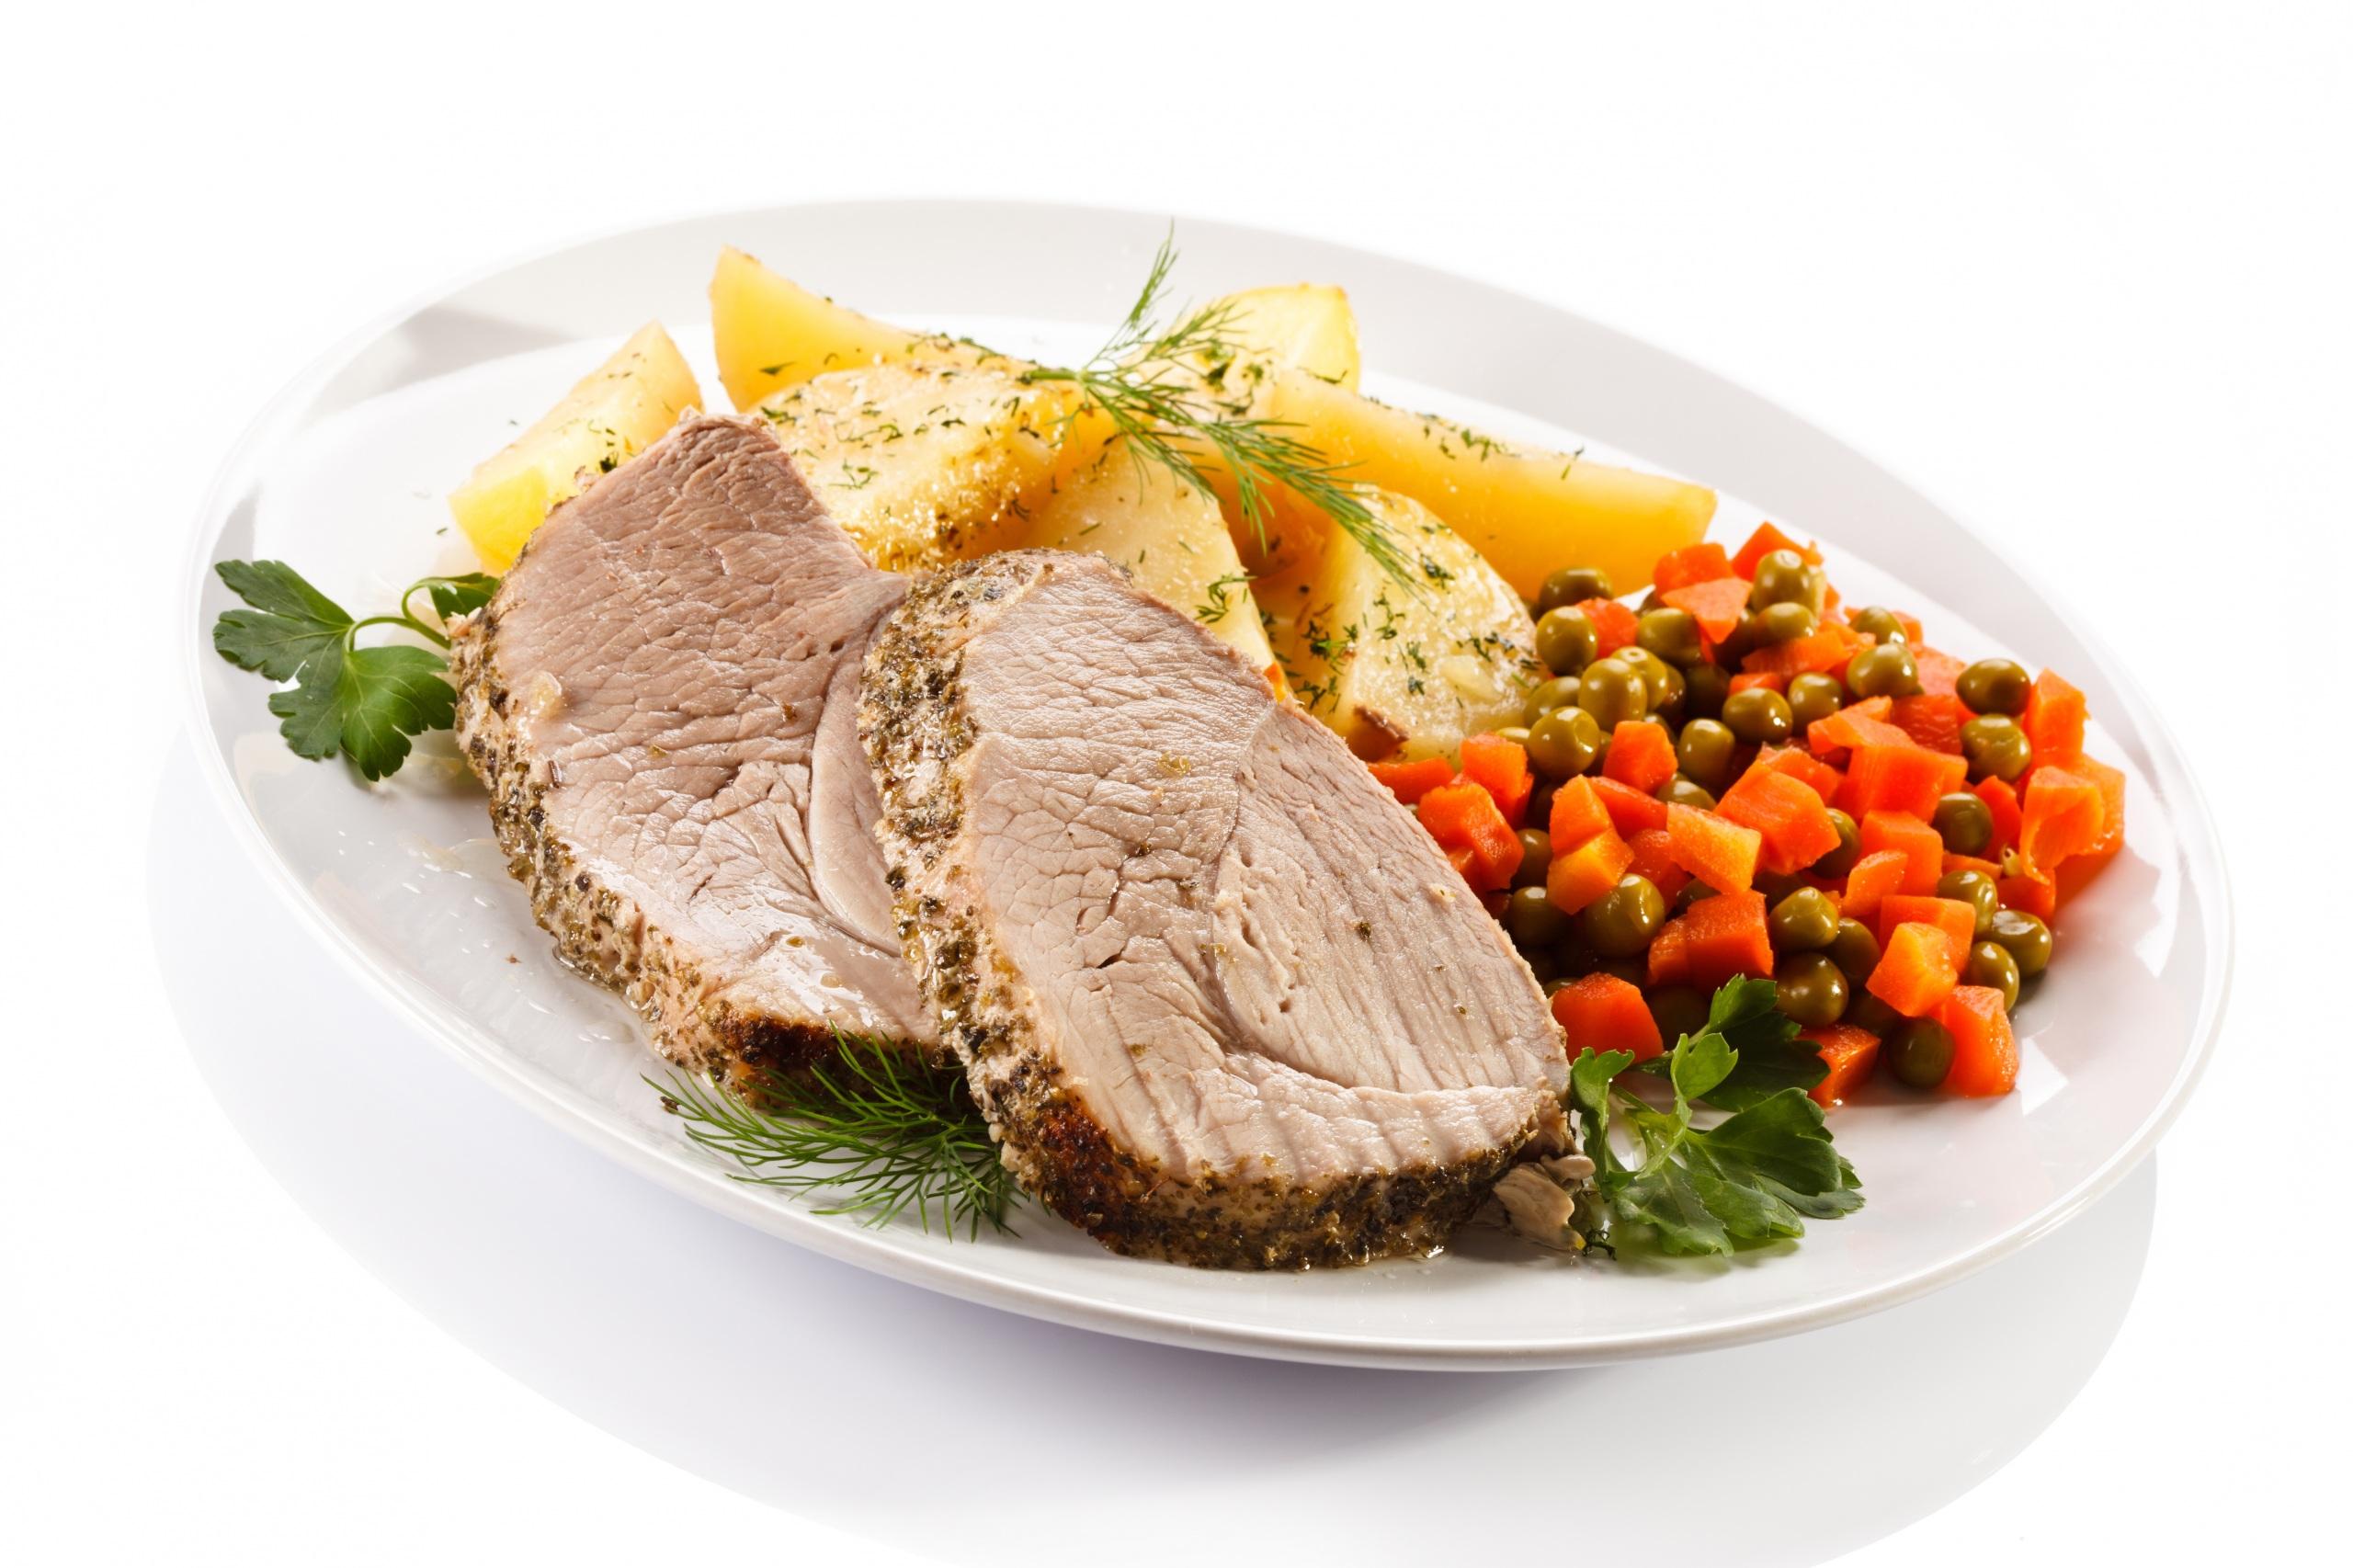 Фото Картофель Еда Овощи тарелке Белый фон Мясные продукты Вторые блюда 2560x1706 картошка Пища Тарелка Продукты питания